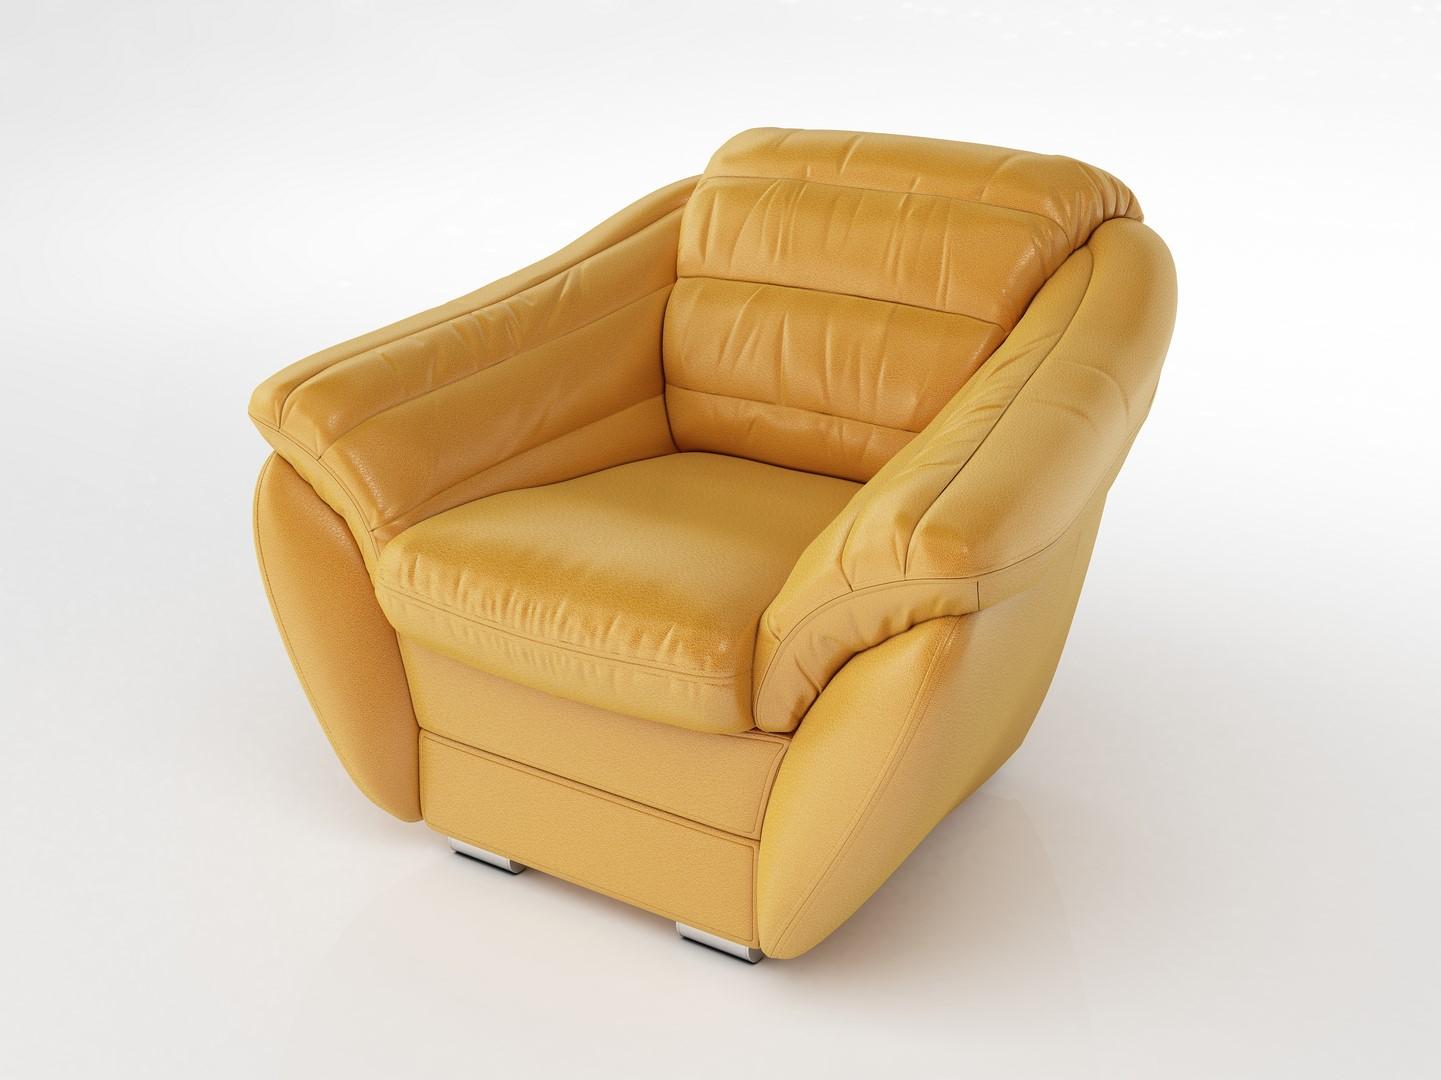 Лучано кресло